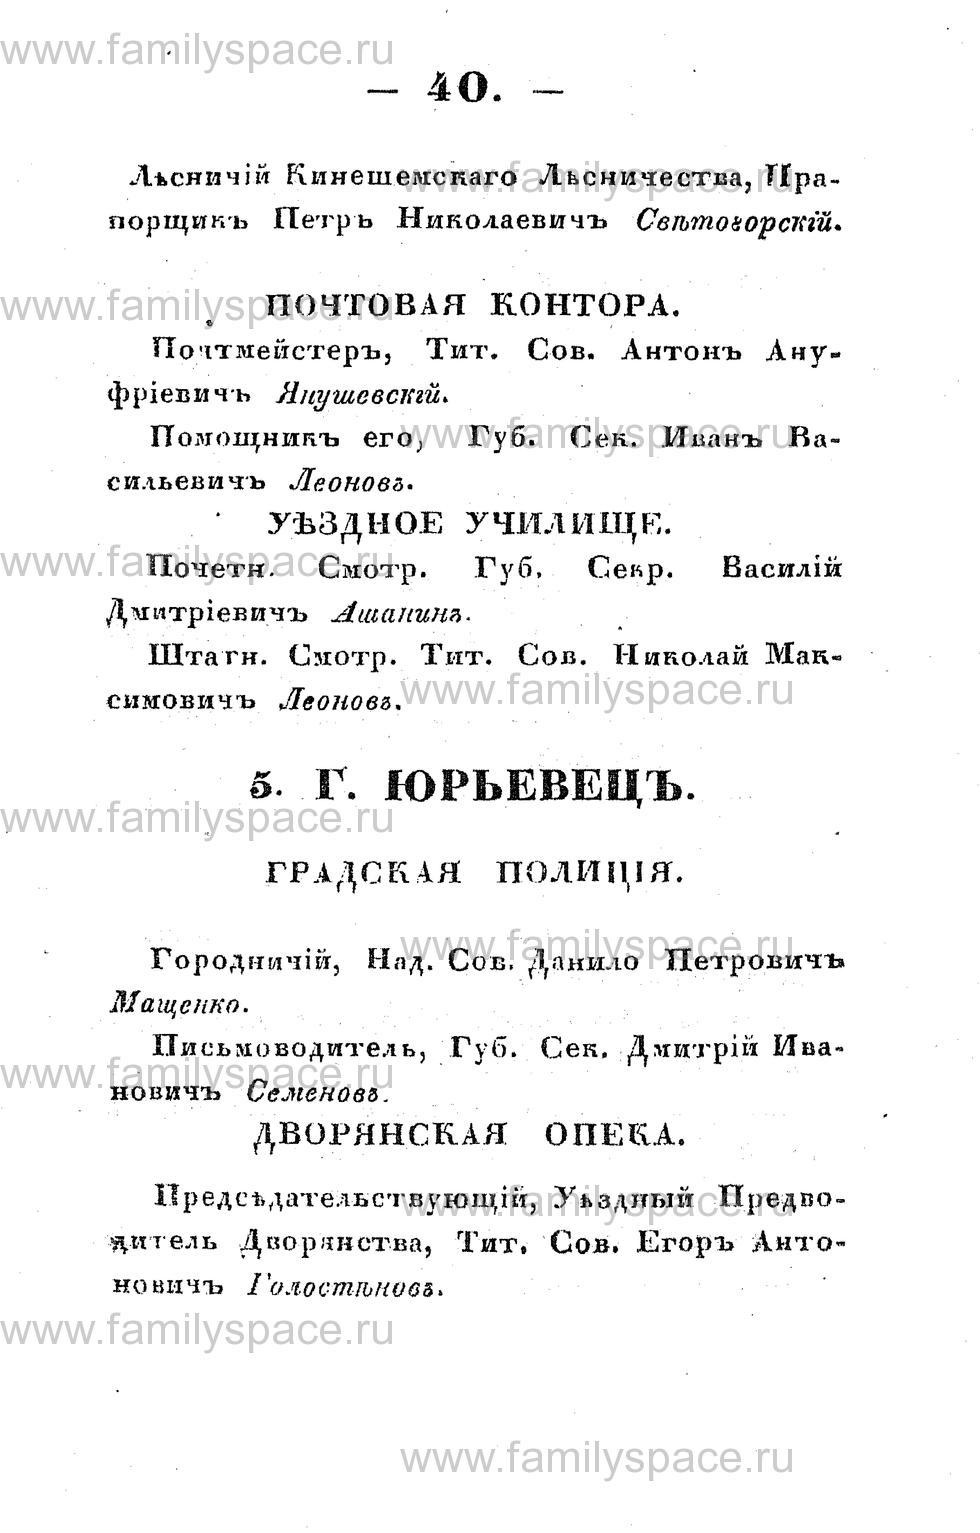 Поиск по фамилии - Памятная книжка Костромской губернии на 1853 год, страница 40